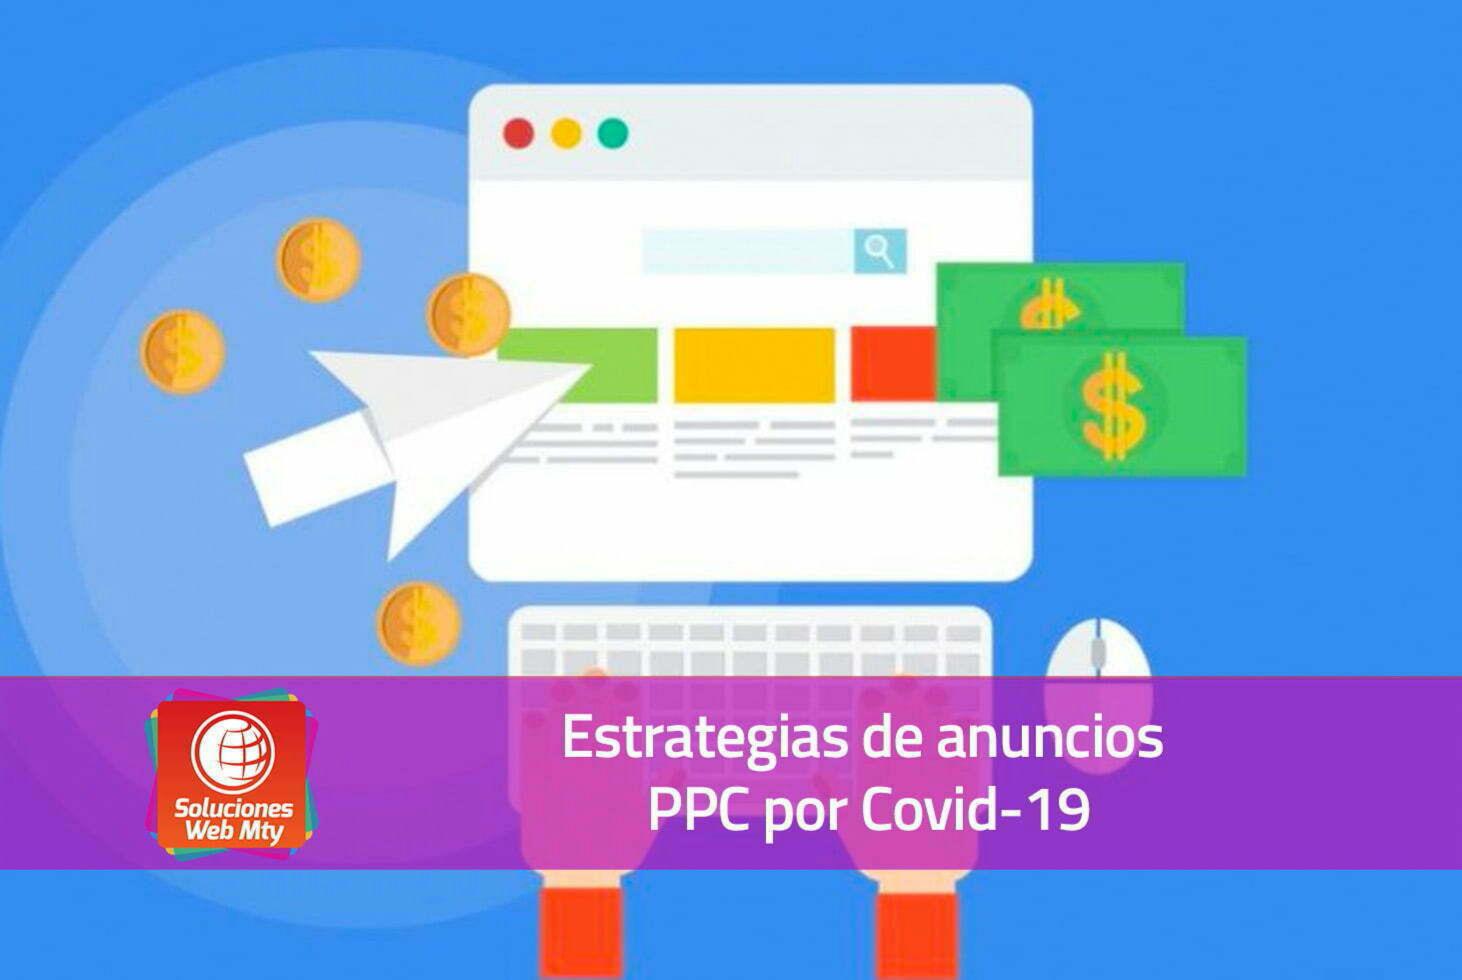 Estrategias de anuncios PPC por Covid-19